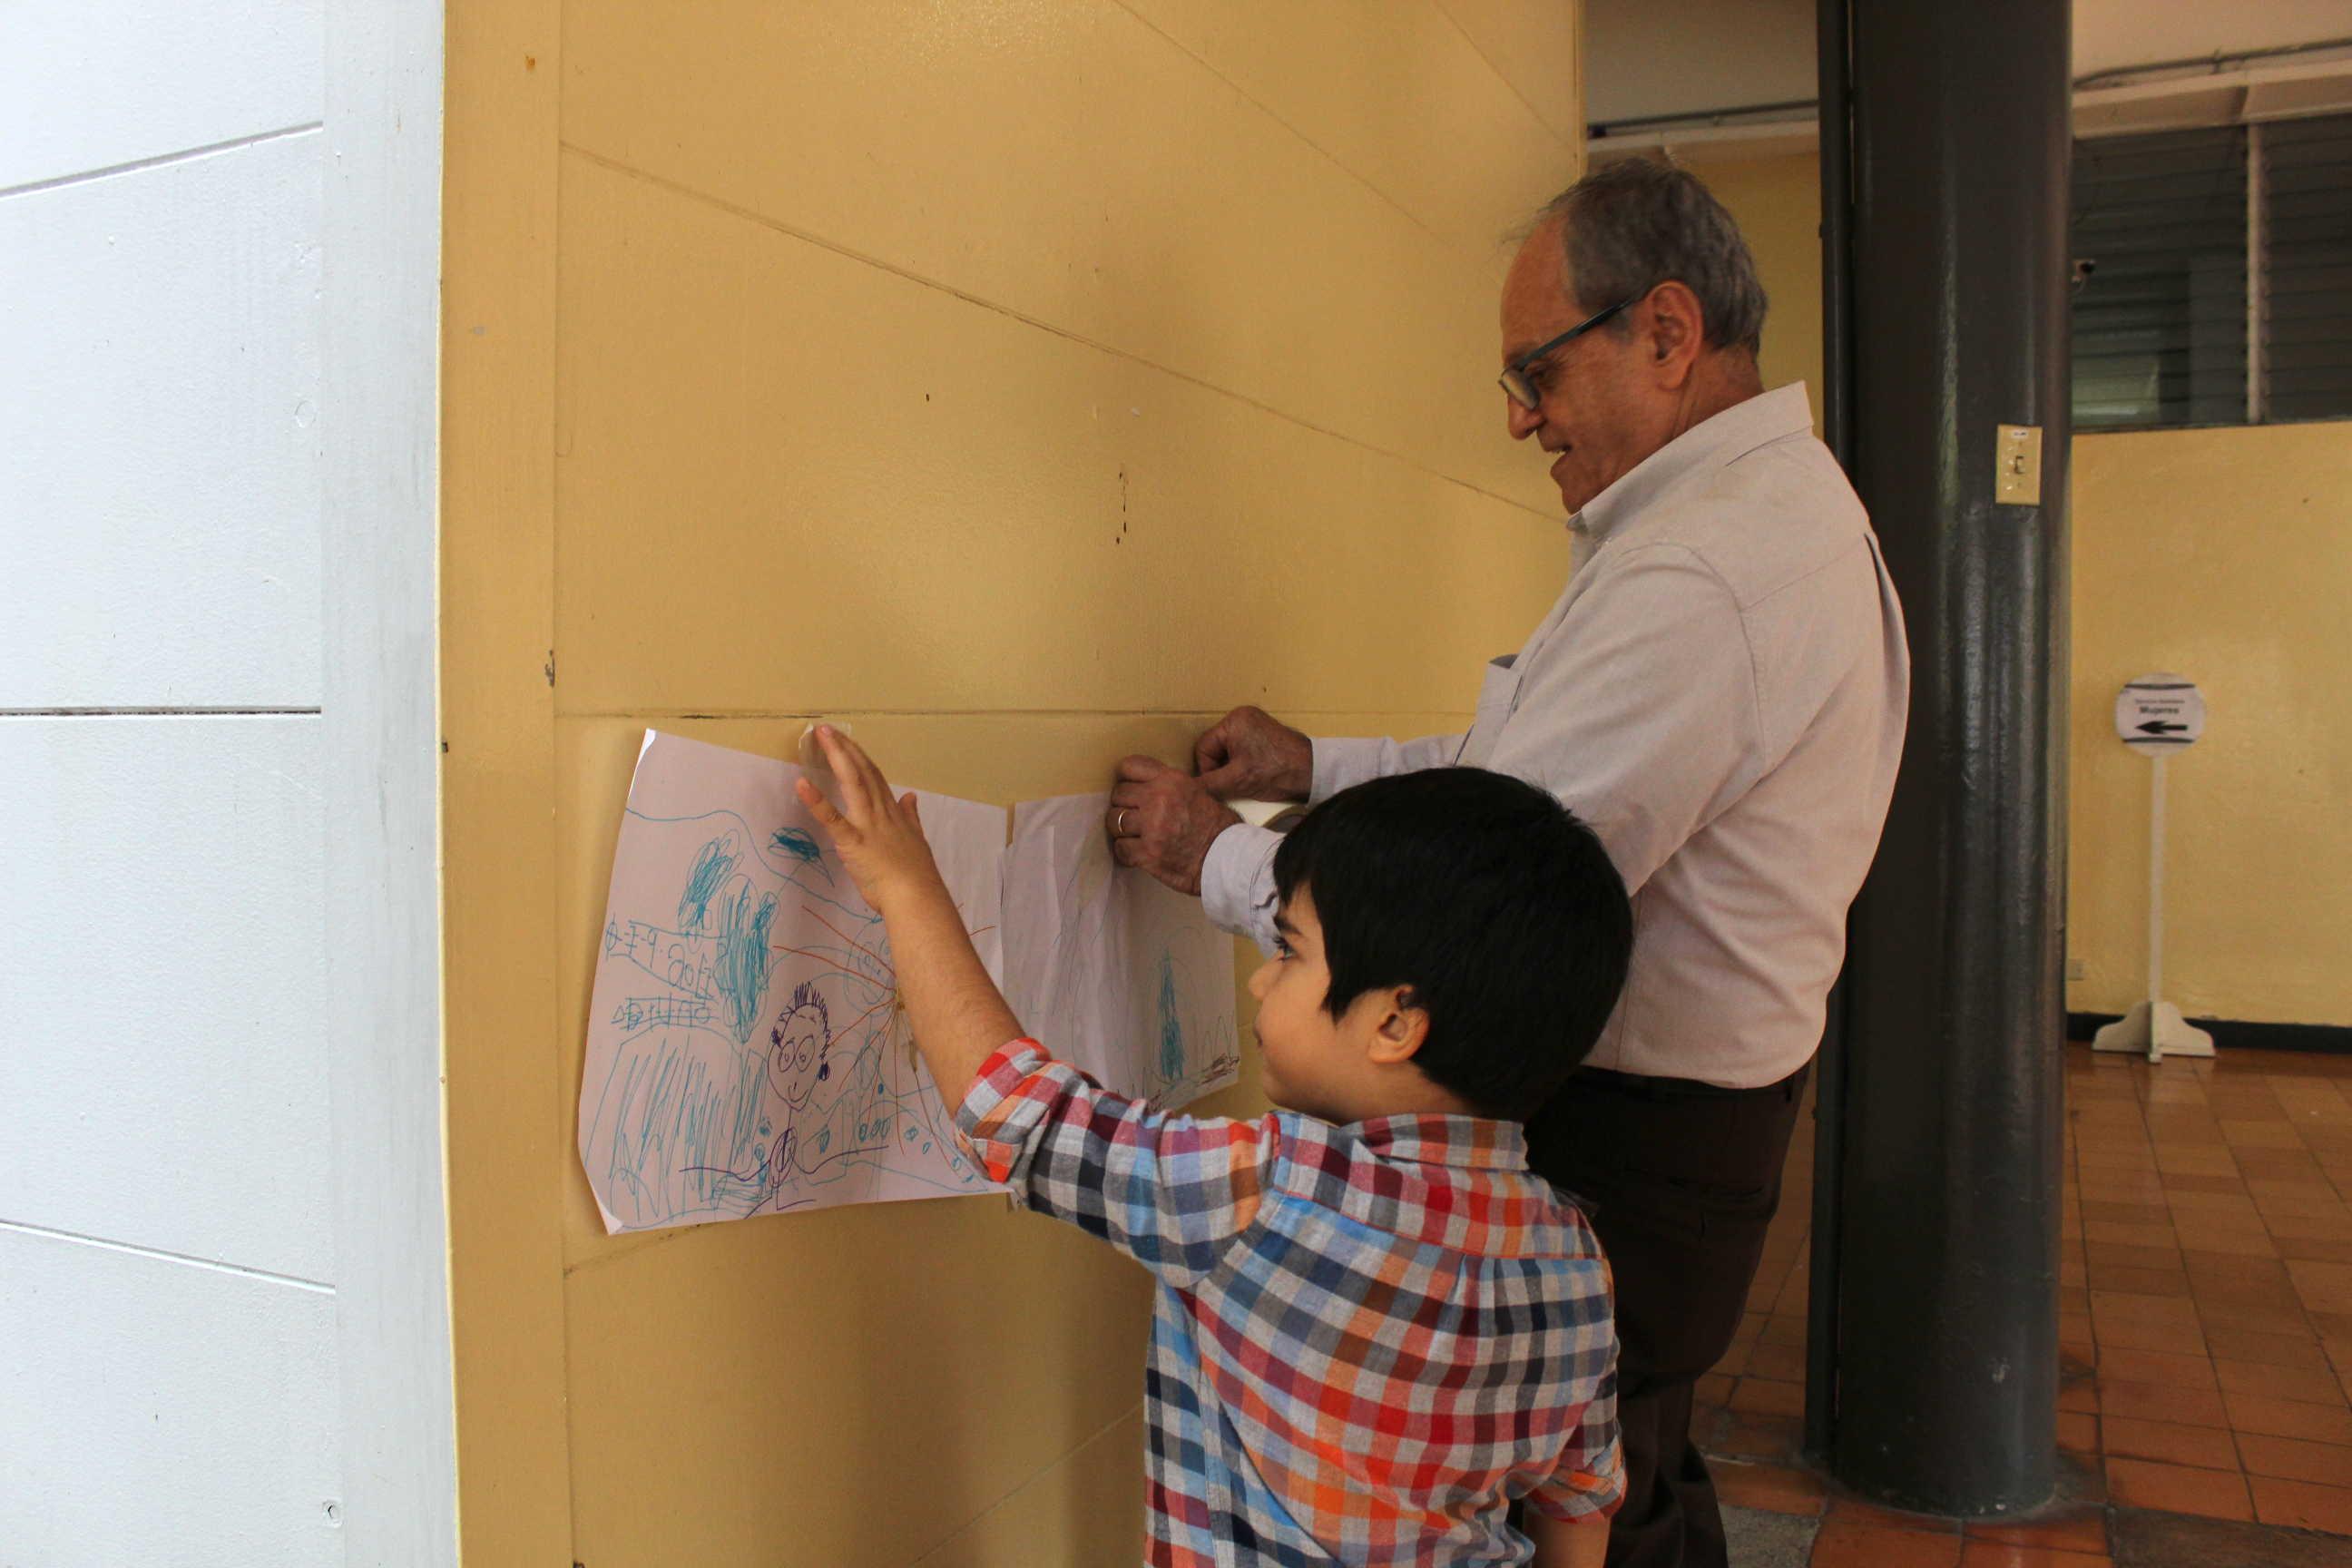 La niñez presente en este festival tuvo la oportunidad de participar de talleres de dibujo con el profesor Luis Paulino Delgado.